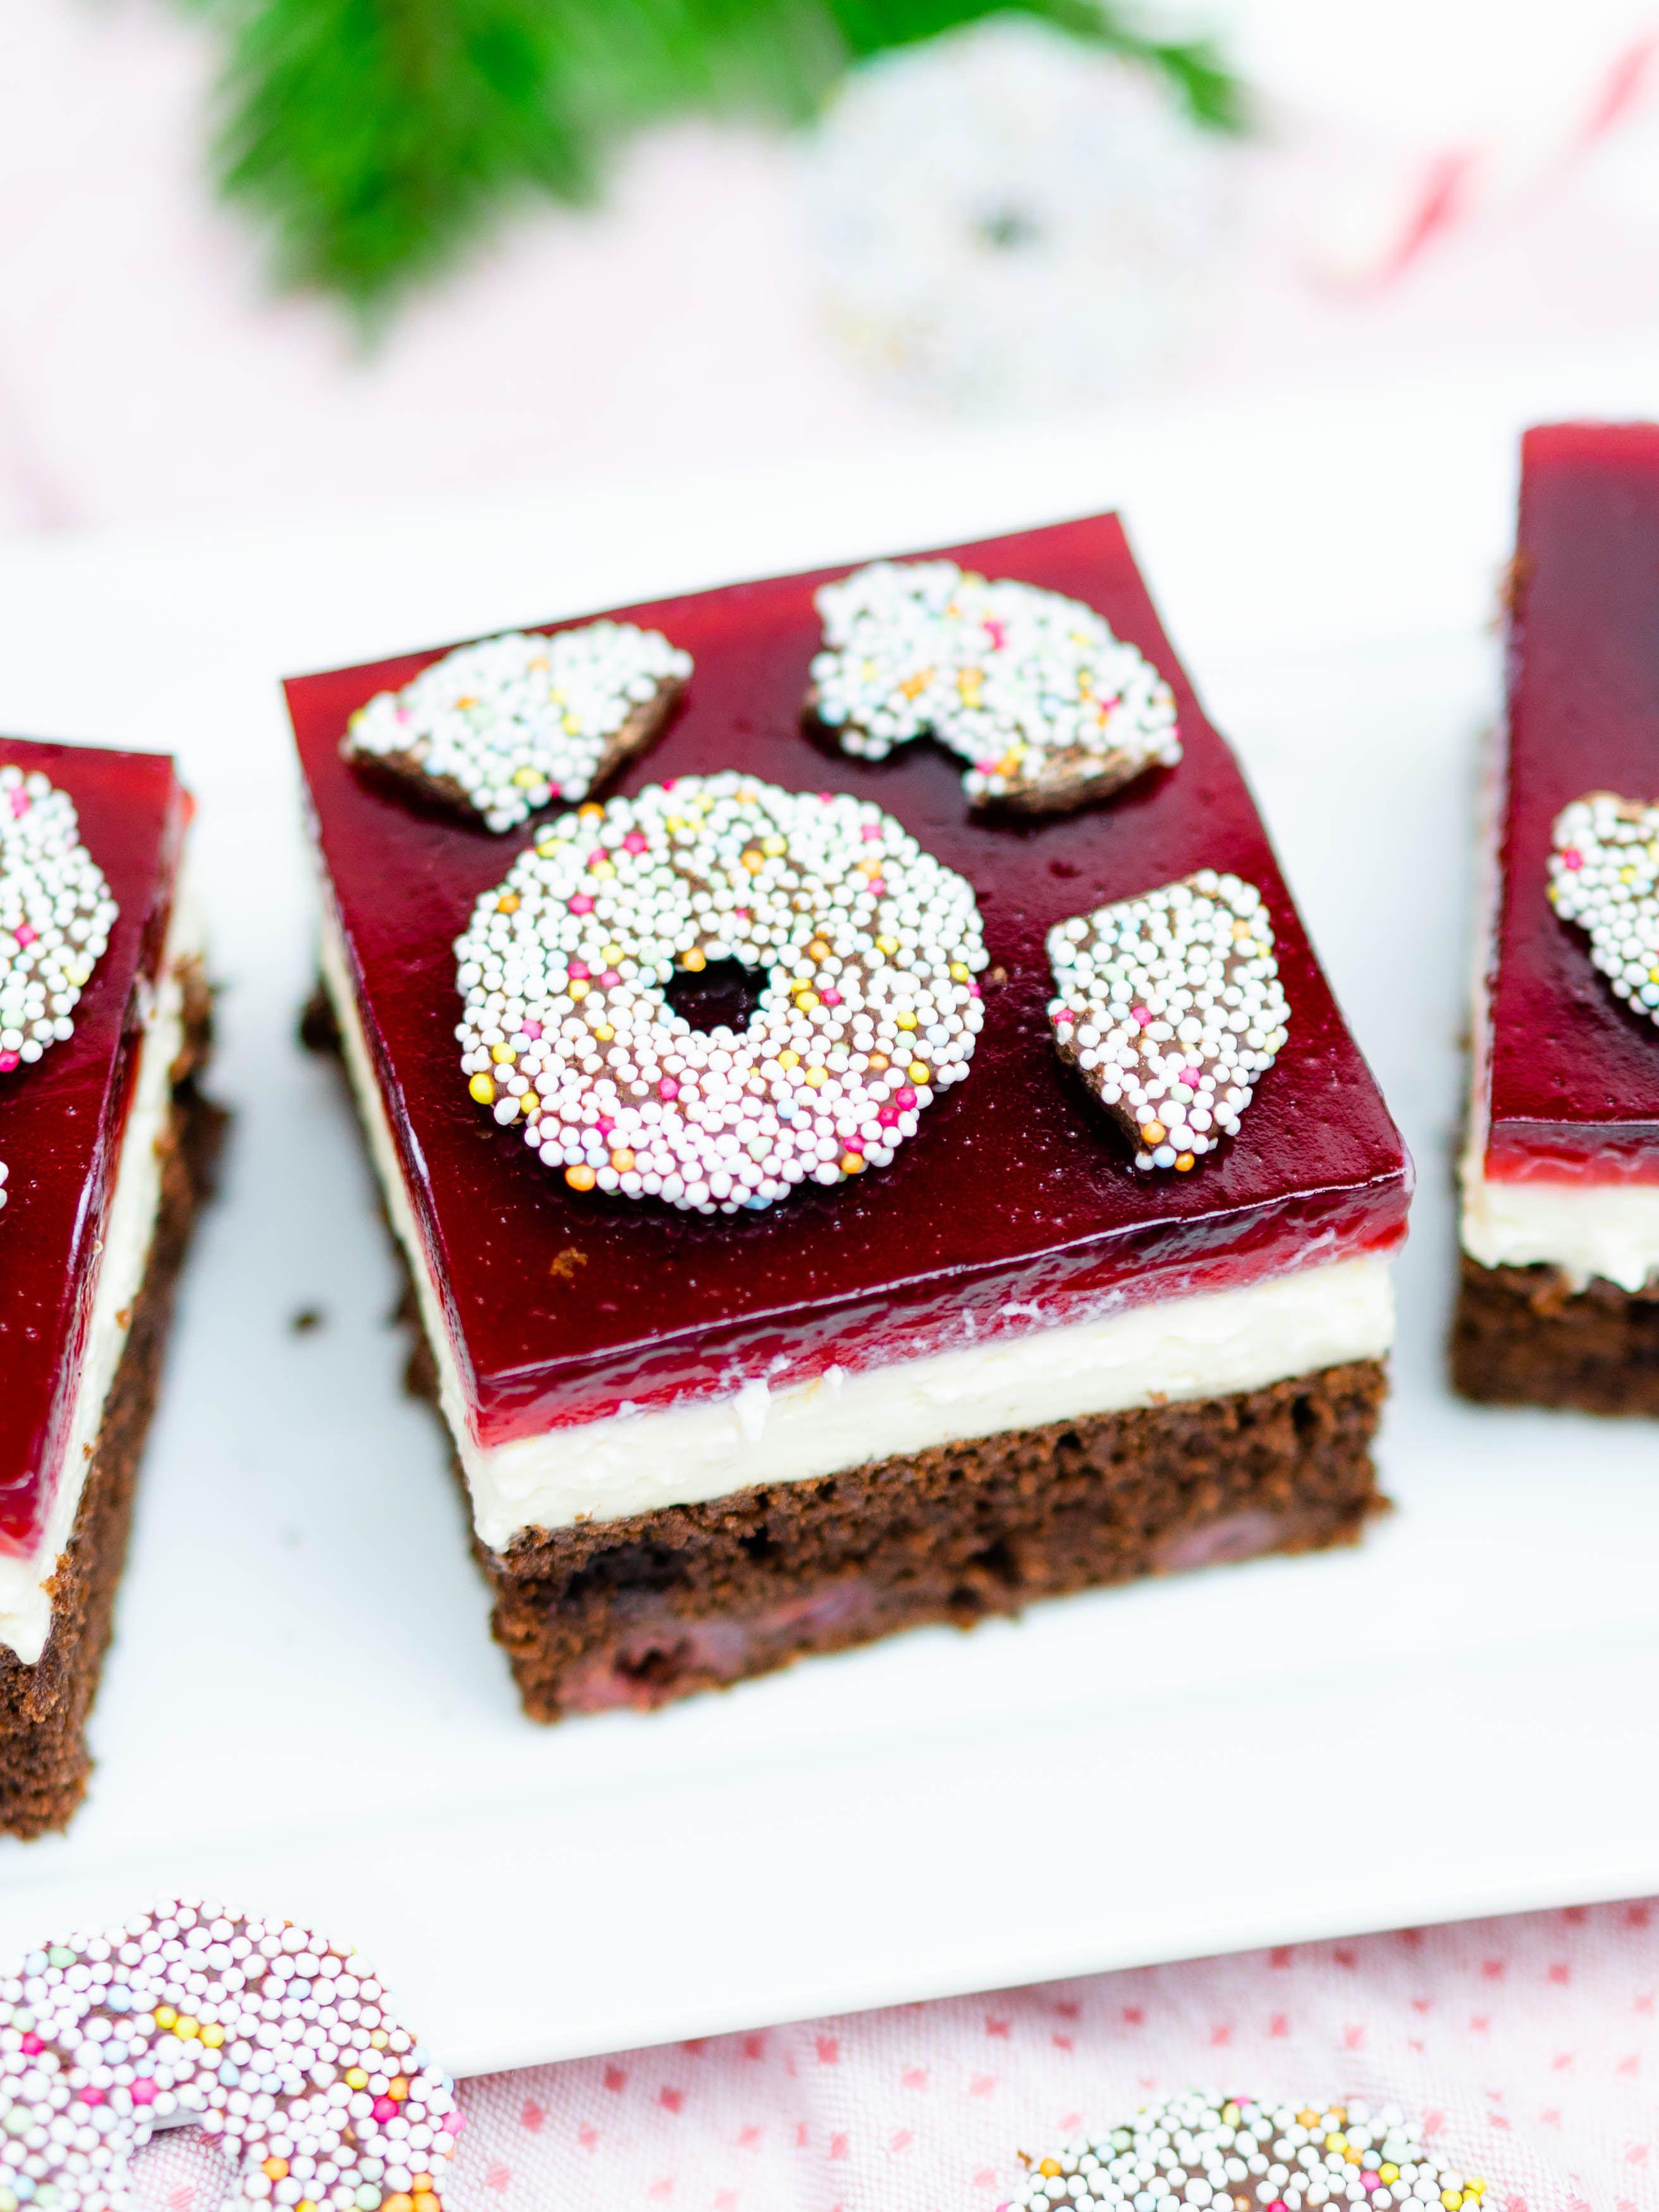 weihnachten rezepte #weihnachten Der perfekte Blechkuchen fr Weihnachten: Rezept fr Punschschnitten mit Kirschen